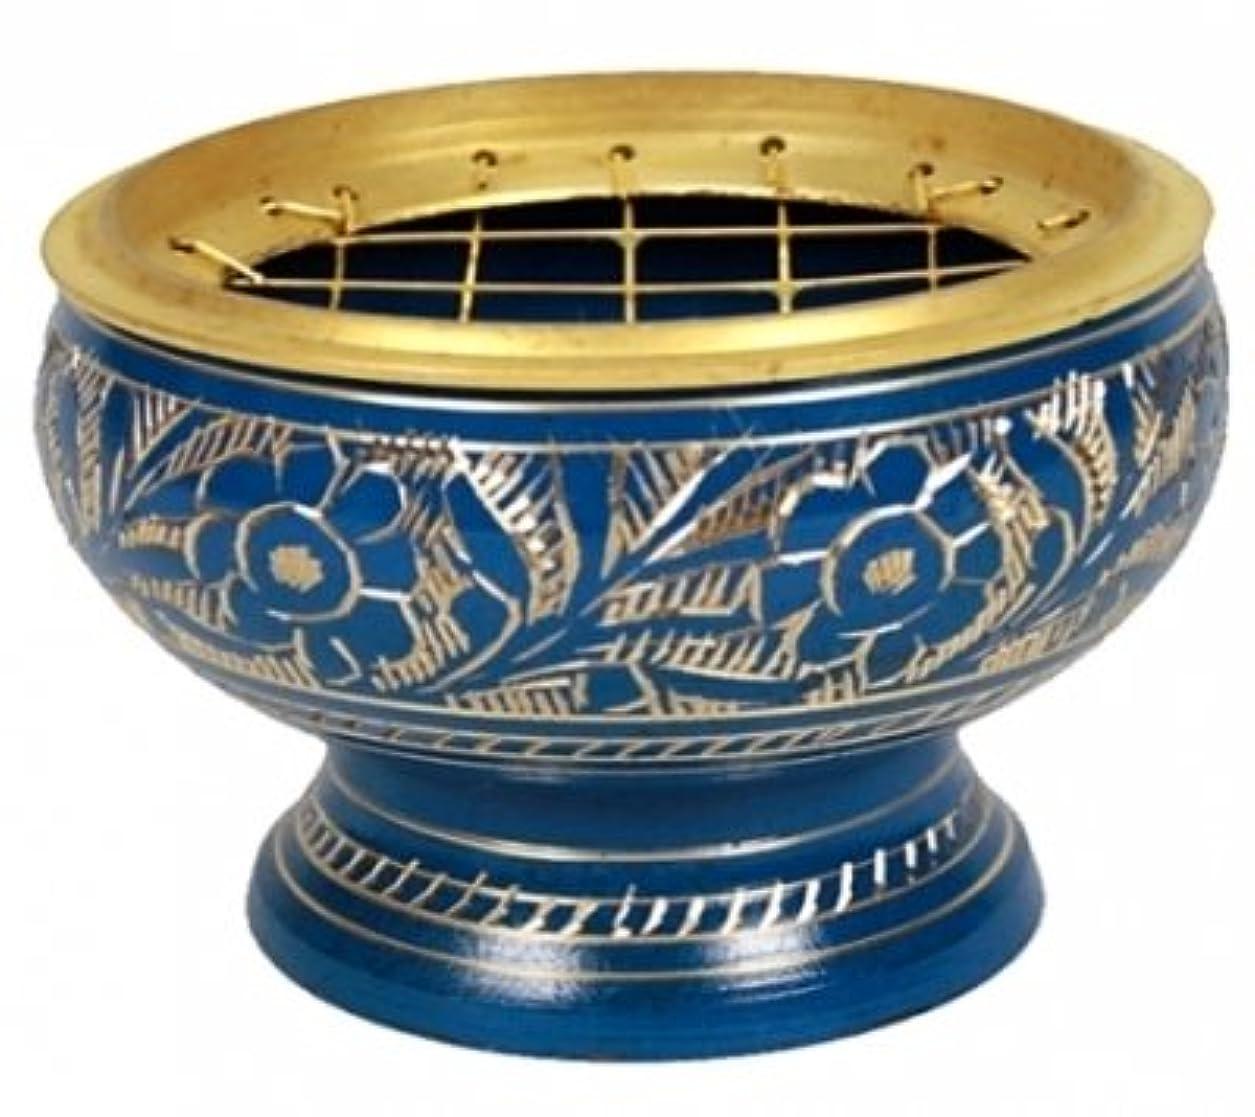 競争力のあるチキン安全でないfindsomethingdifferent香炉真鍮ブルー